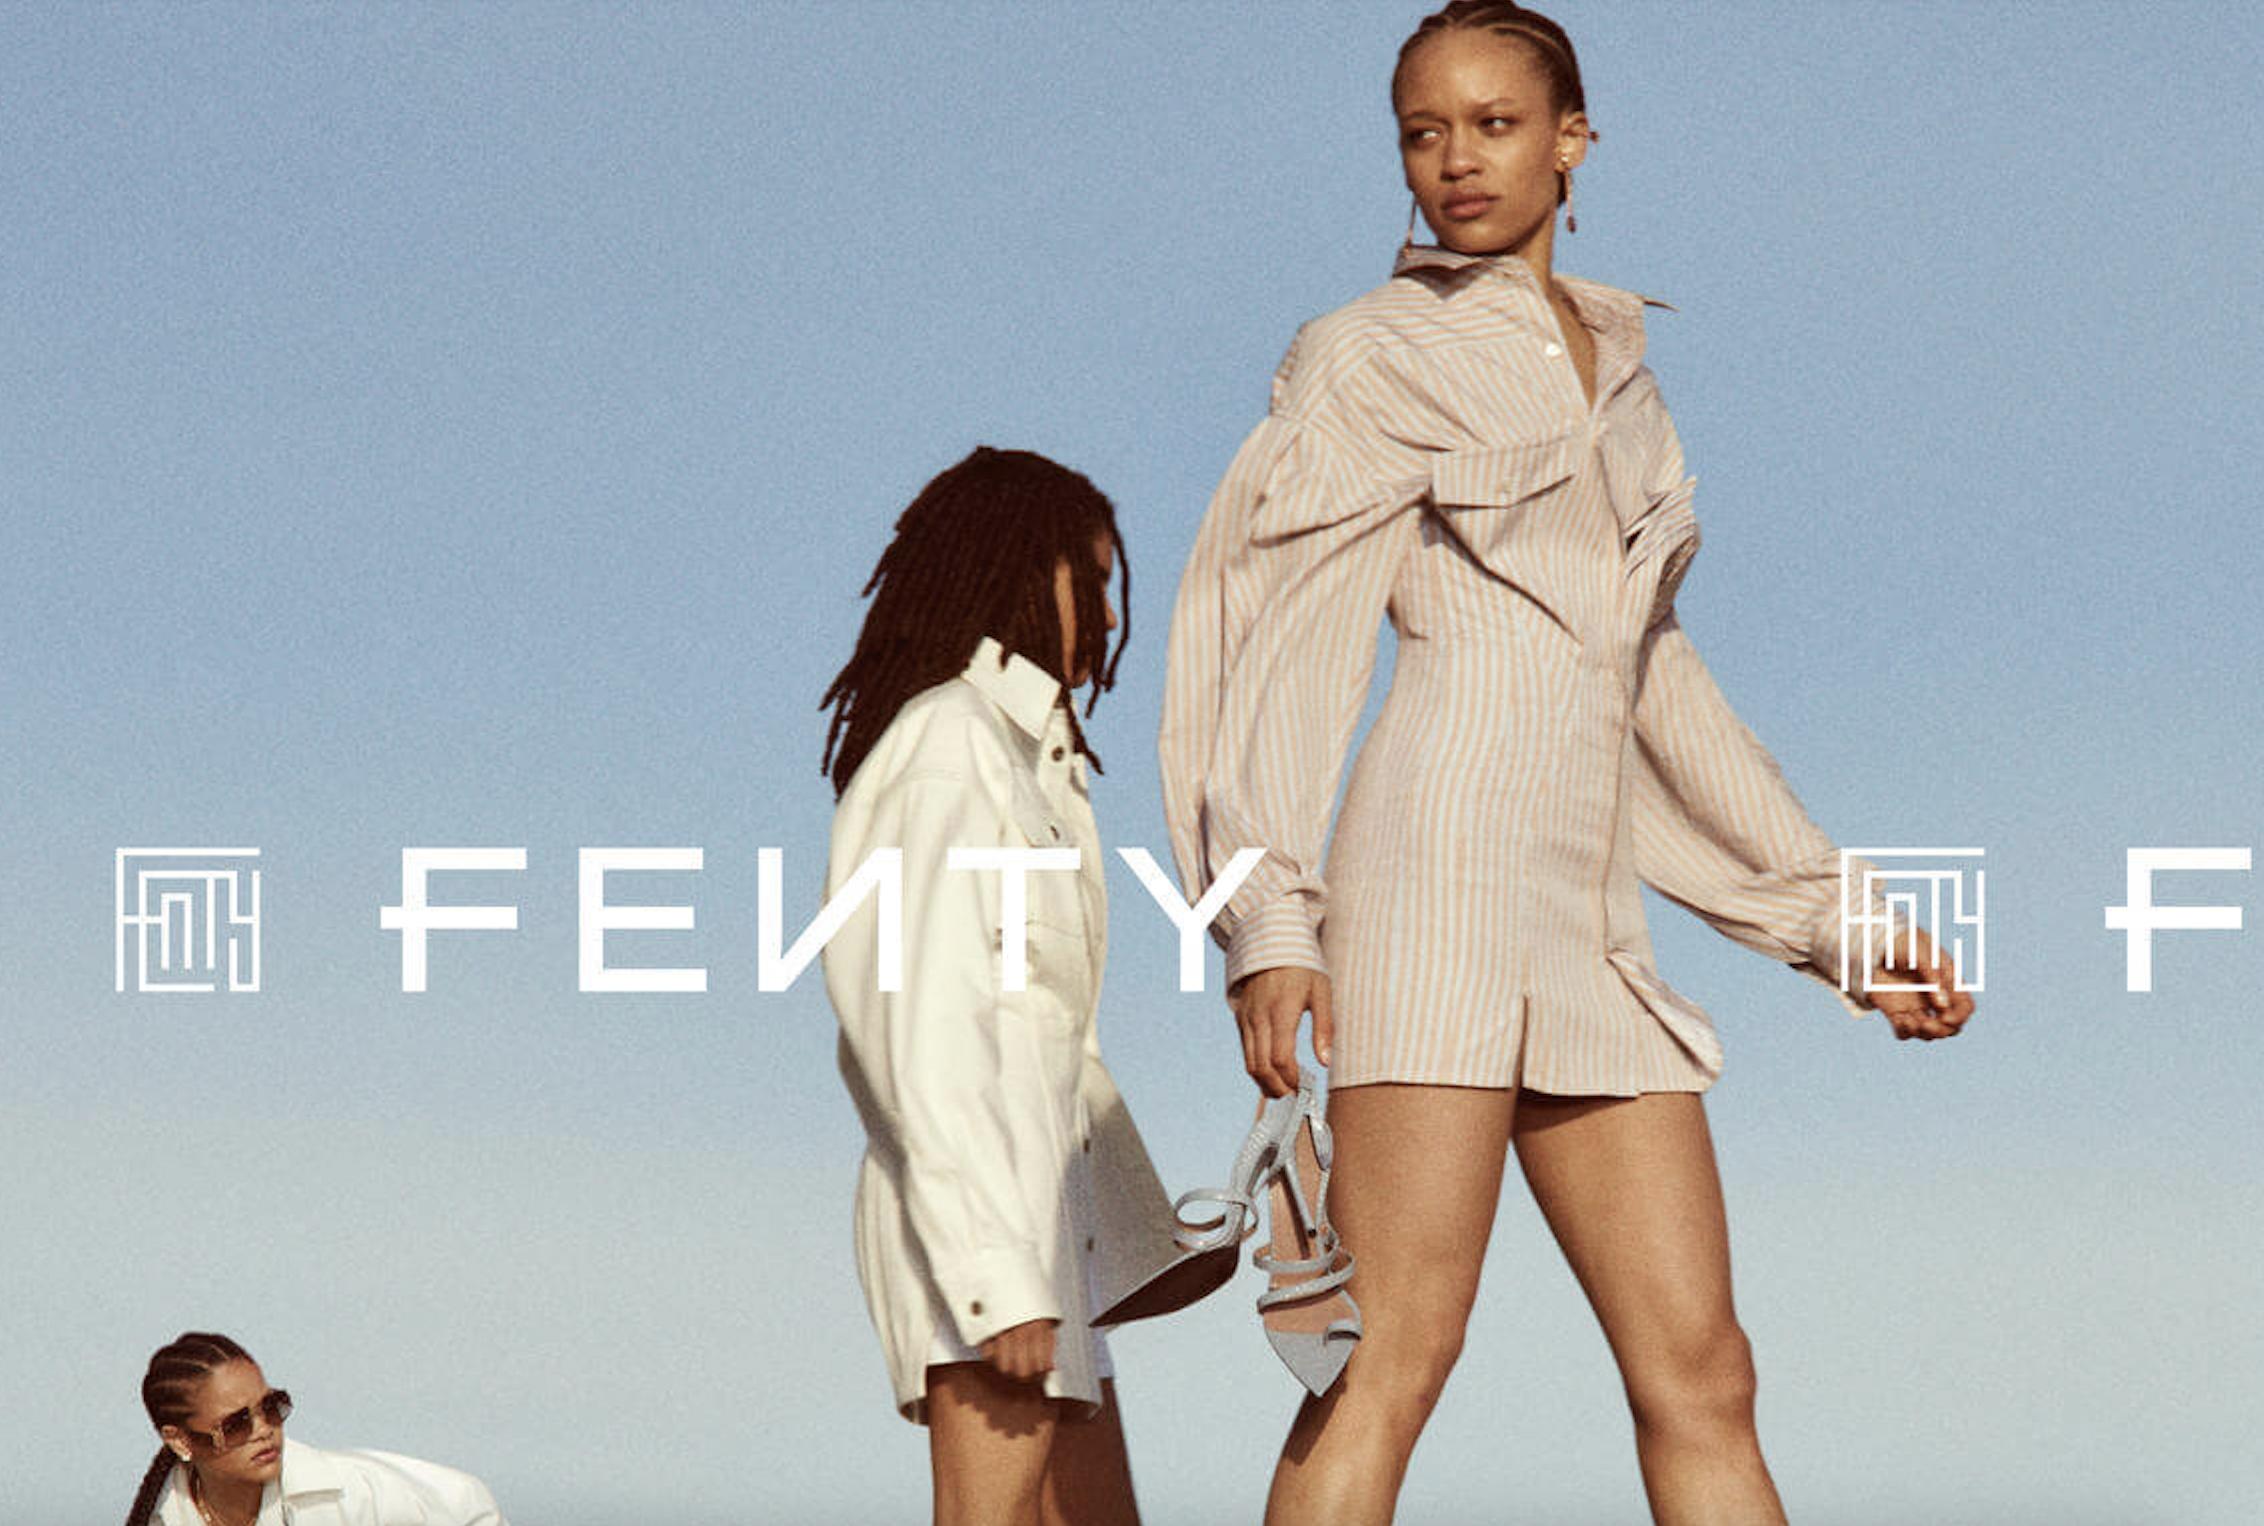 LVMH 叫停与蕾哈娜合作的时装品牌,同时旗下基金投资1.15亿美元给蕾哈娜的内衣品牌